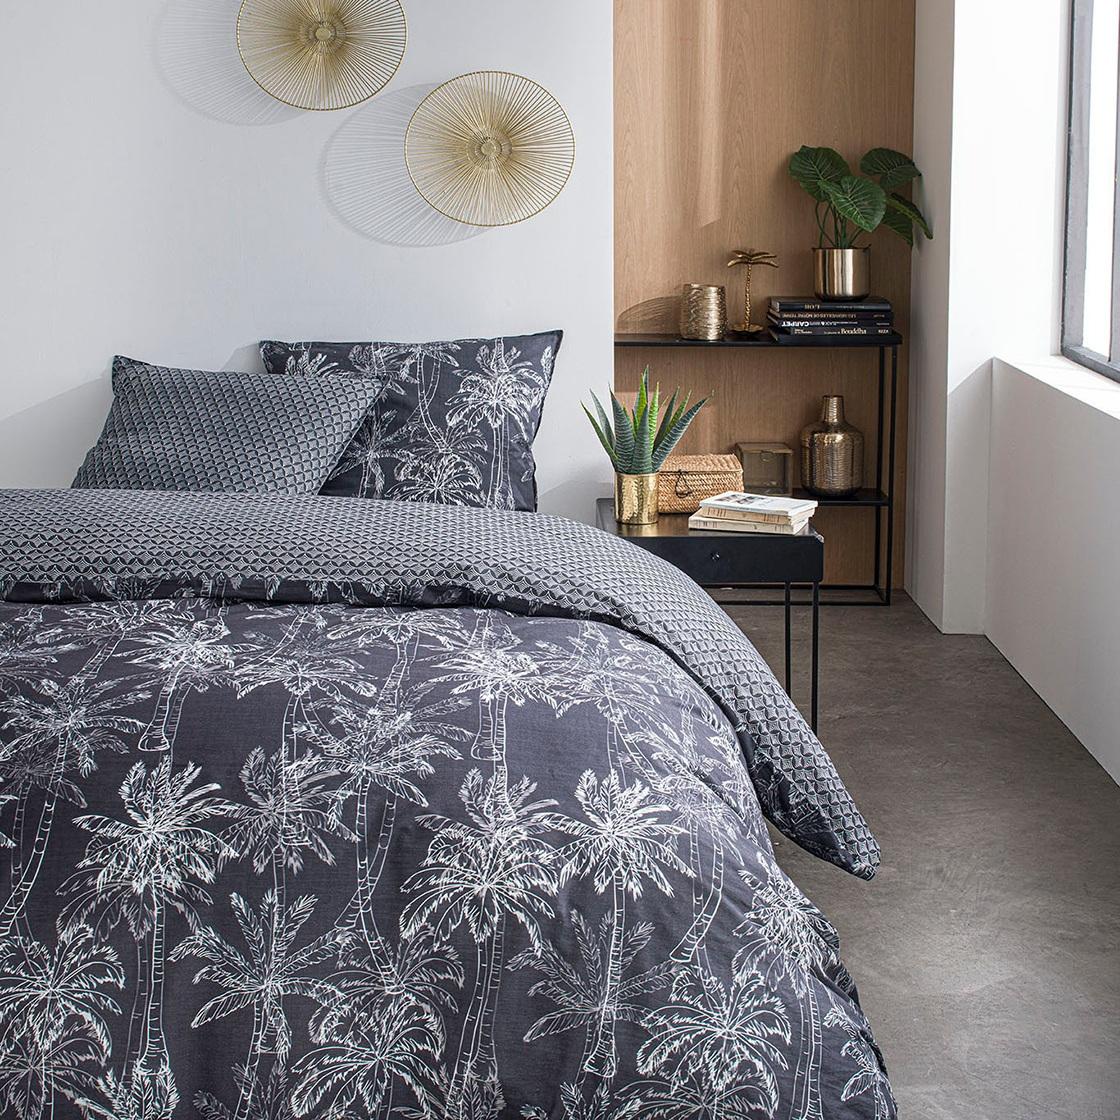 Parure de lit 2 personnes imprimé jungle en Coton Gris 240x260 cm